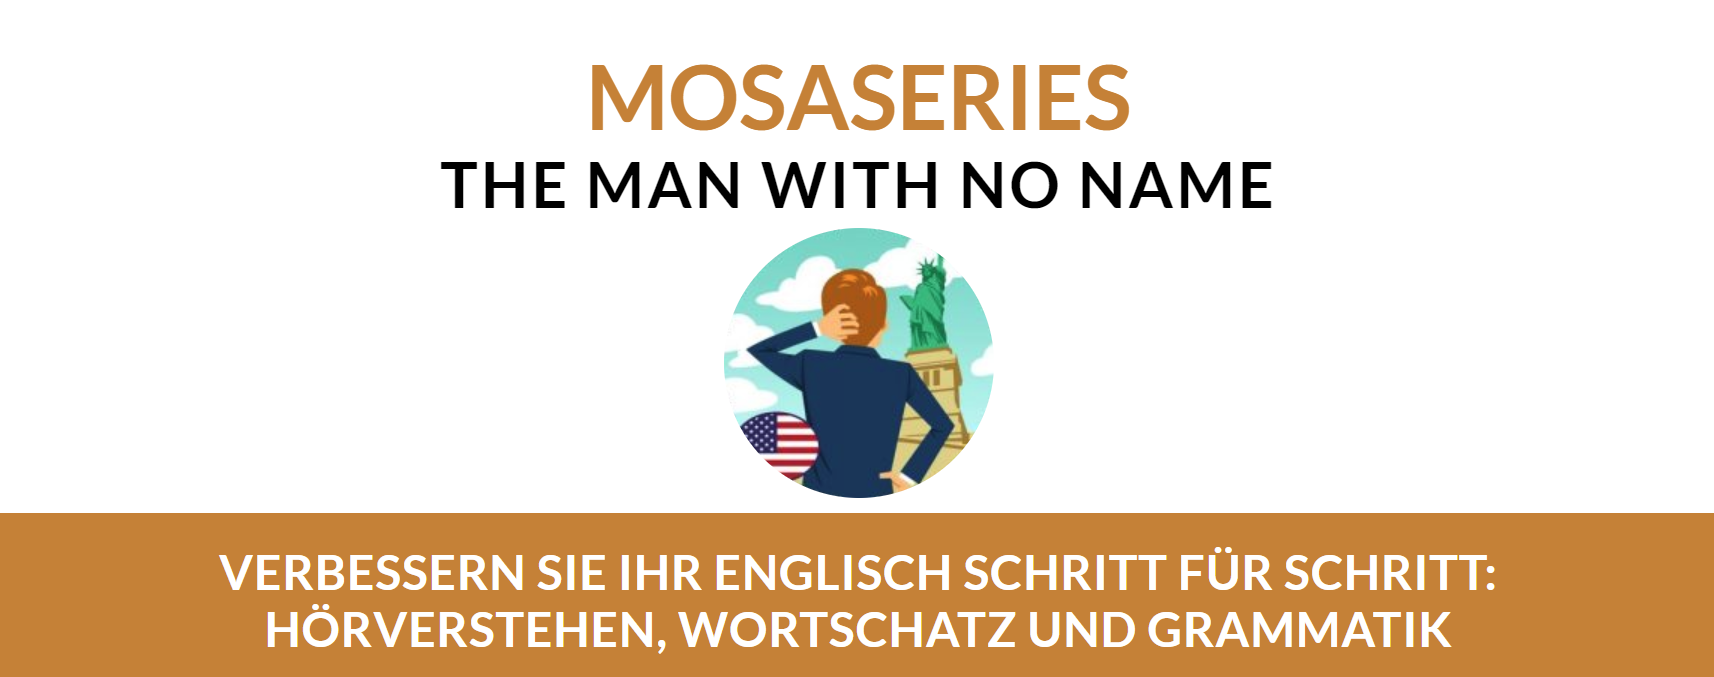 mosaseries-online-englischkurs-anfänger